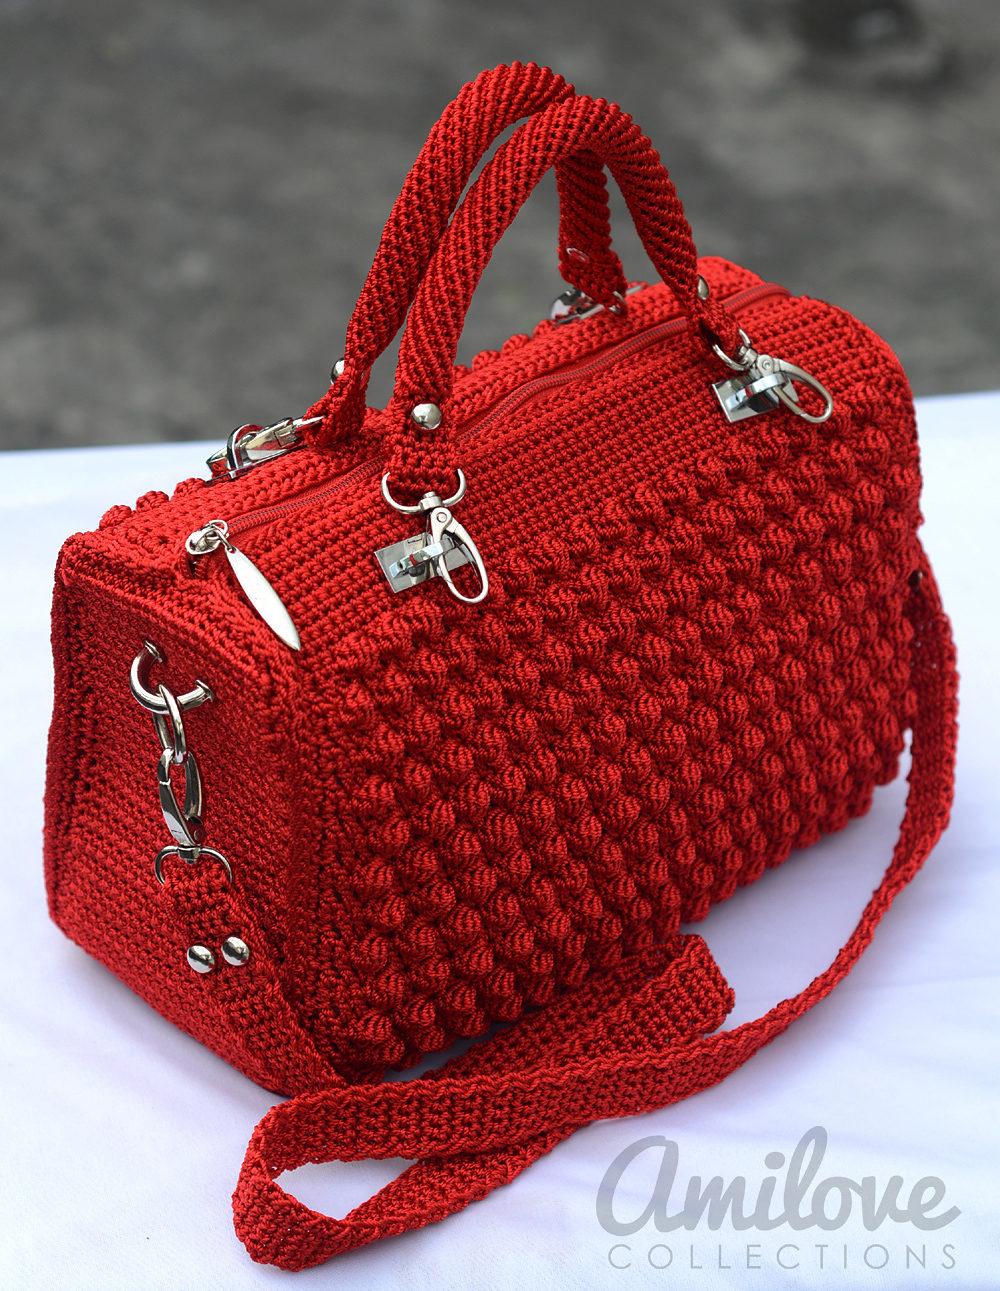 Ergahandmade Crochet Bag Diagram Step By Step Tutorials